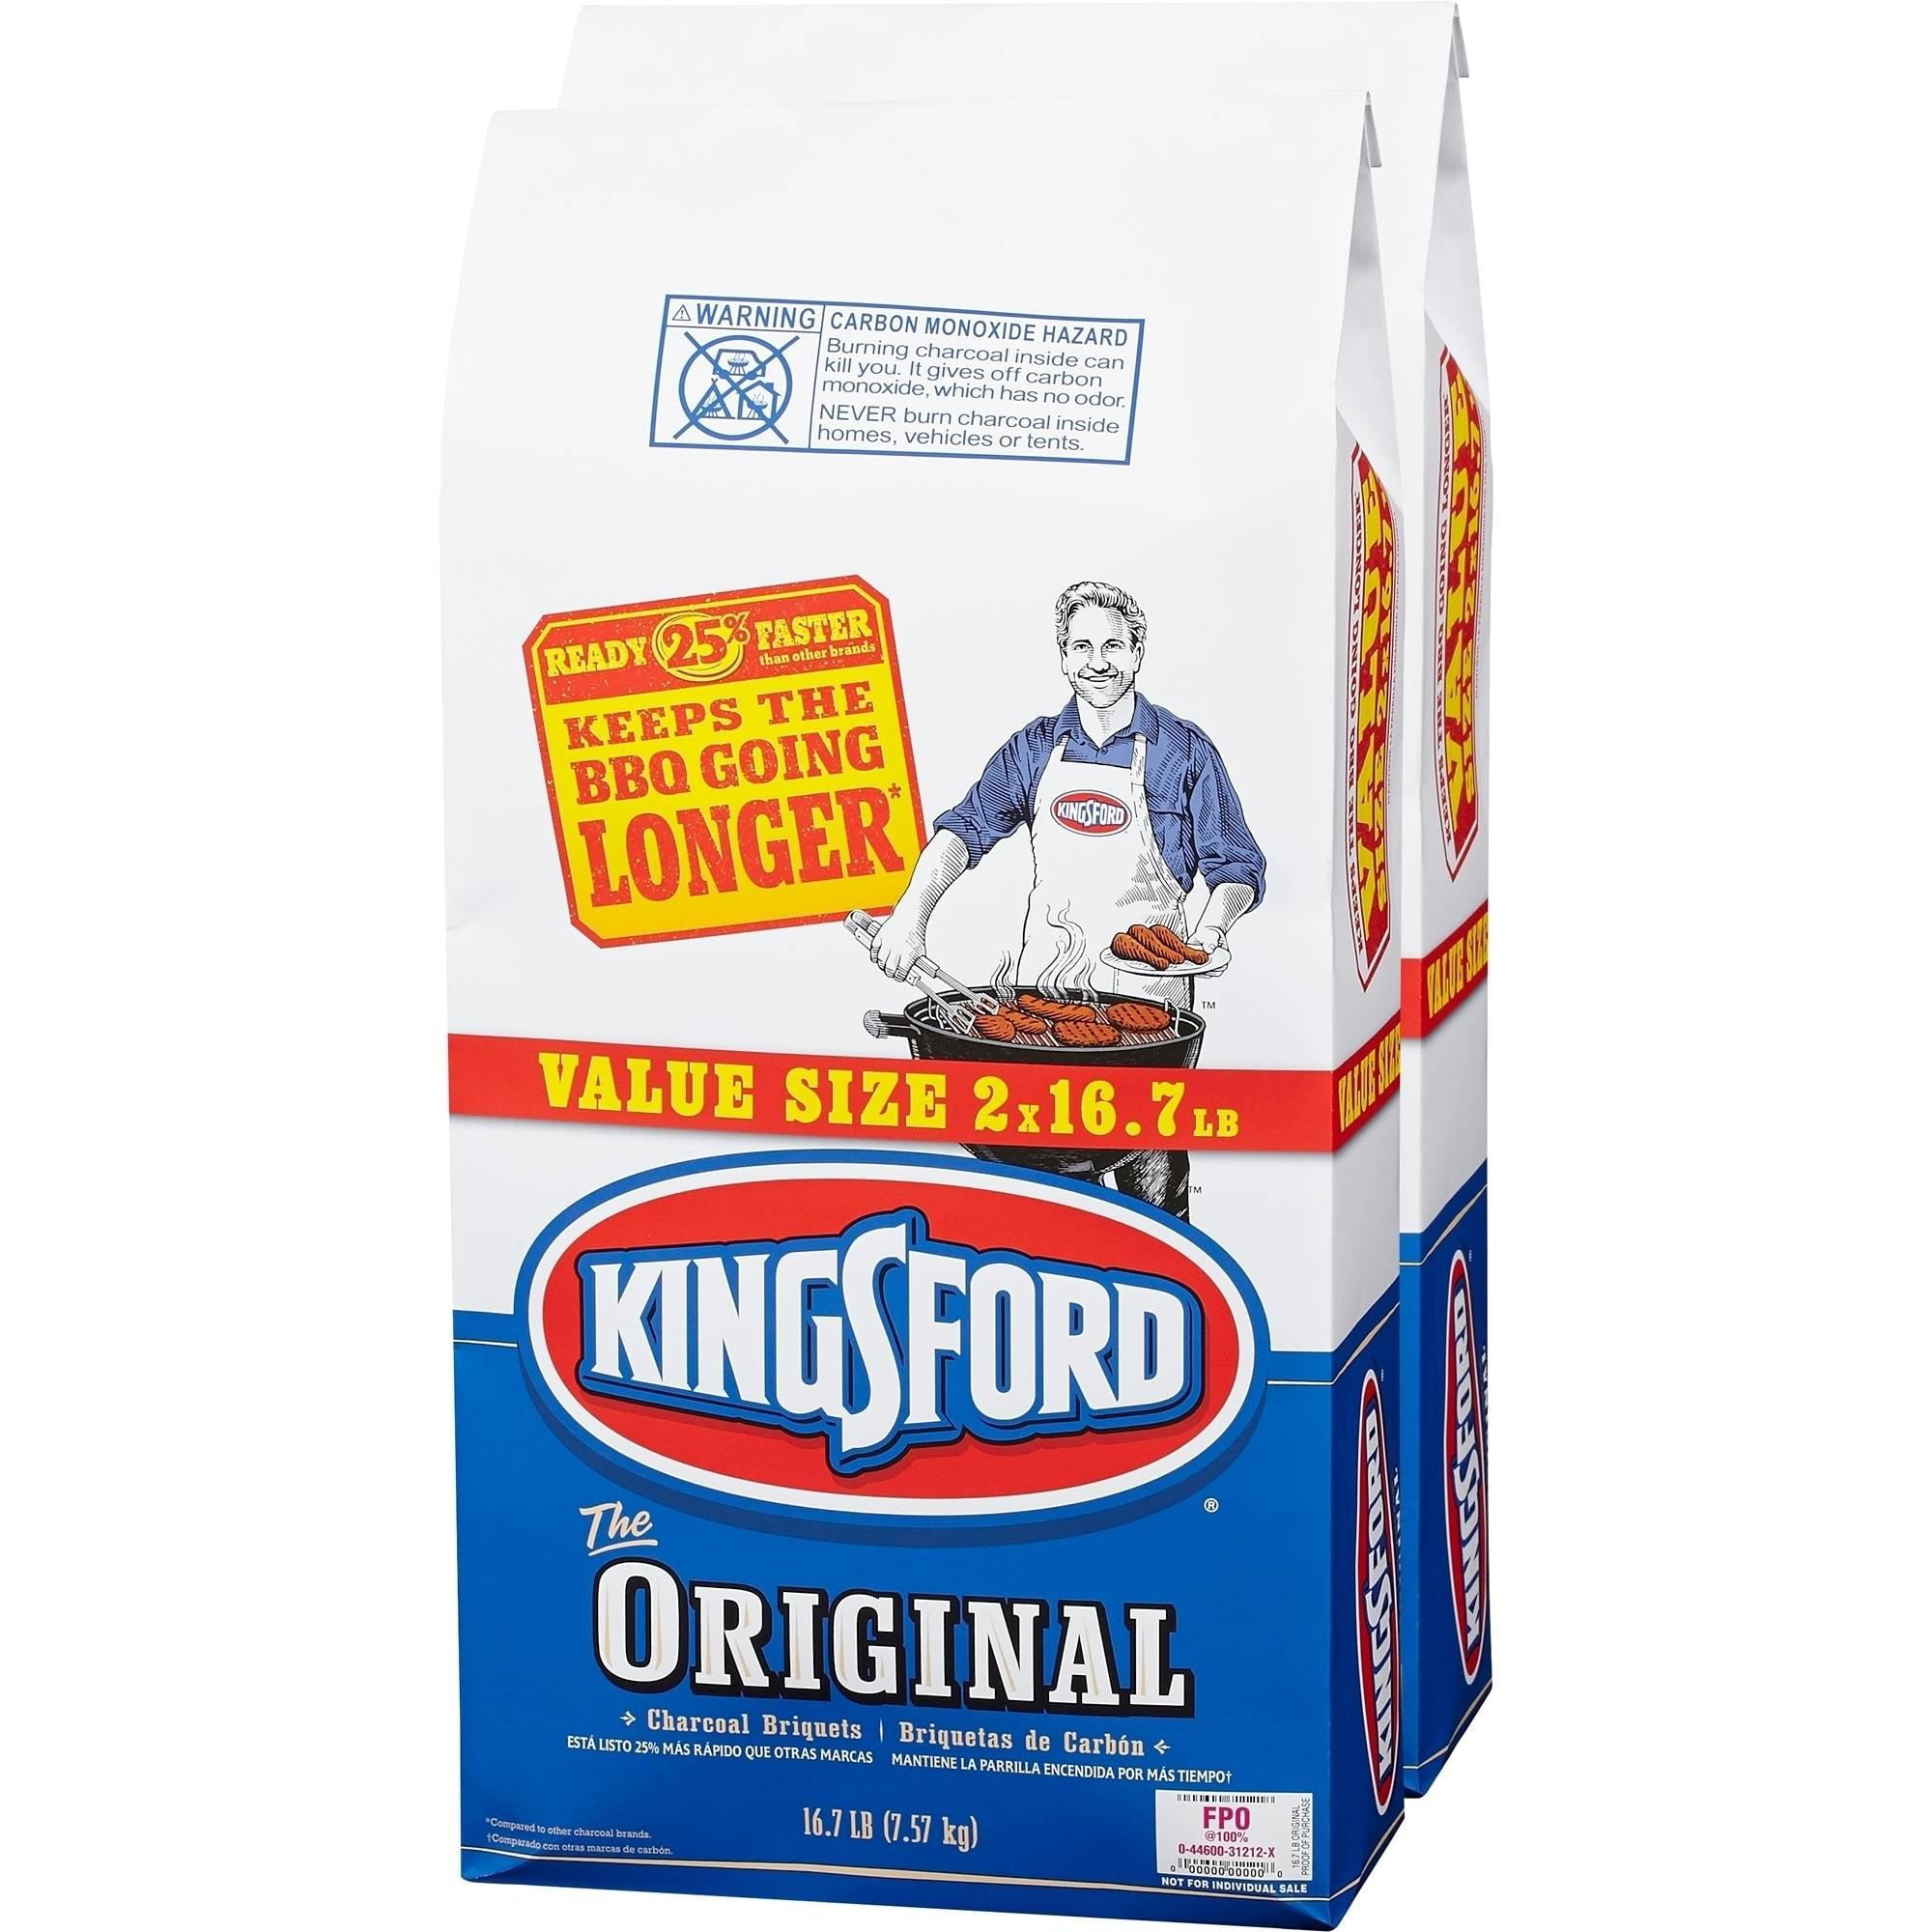 Kingsford Original Charcoal Briquets, 16.7 lbs, 2 pack